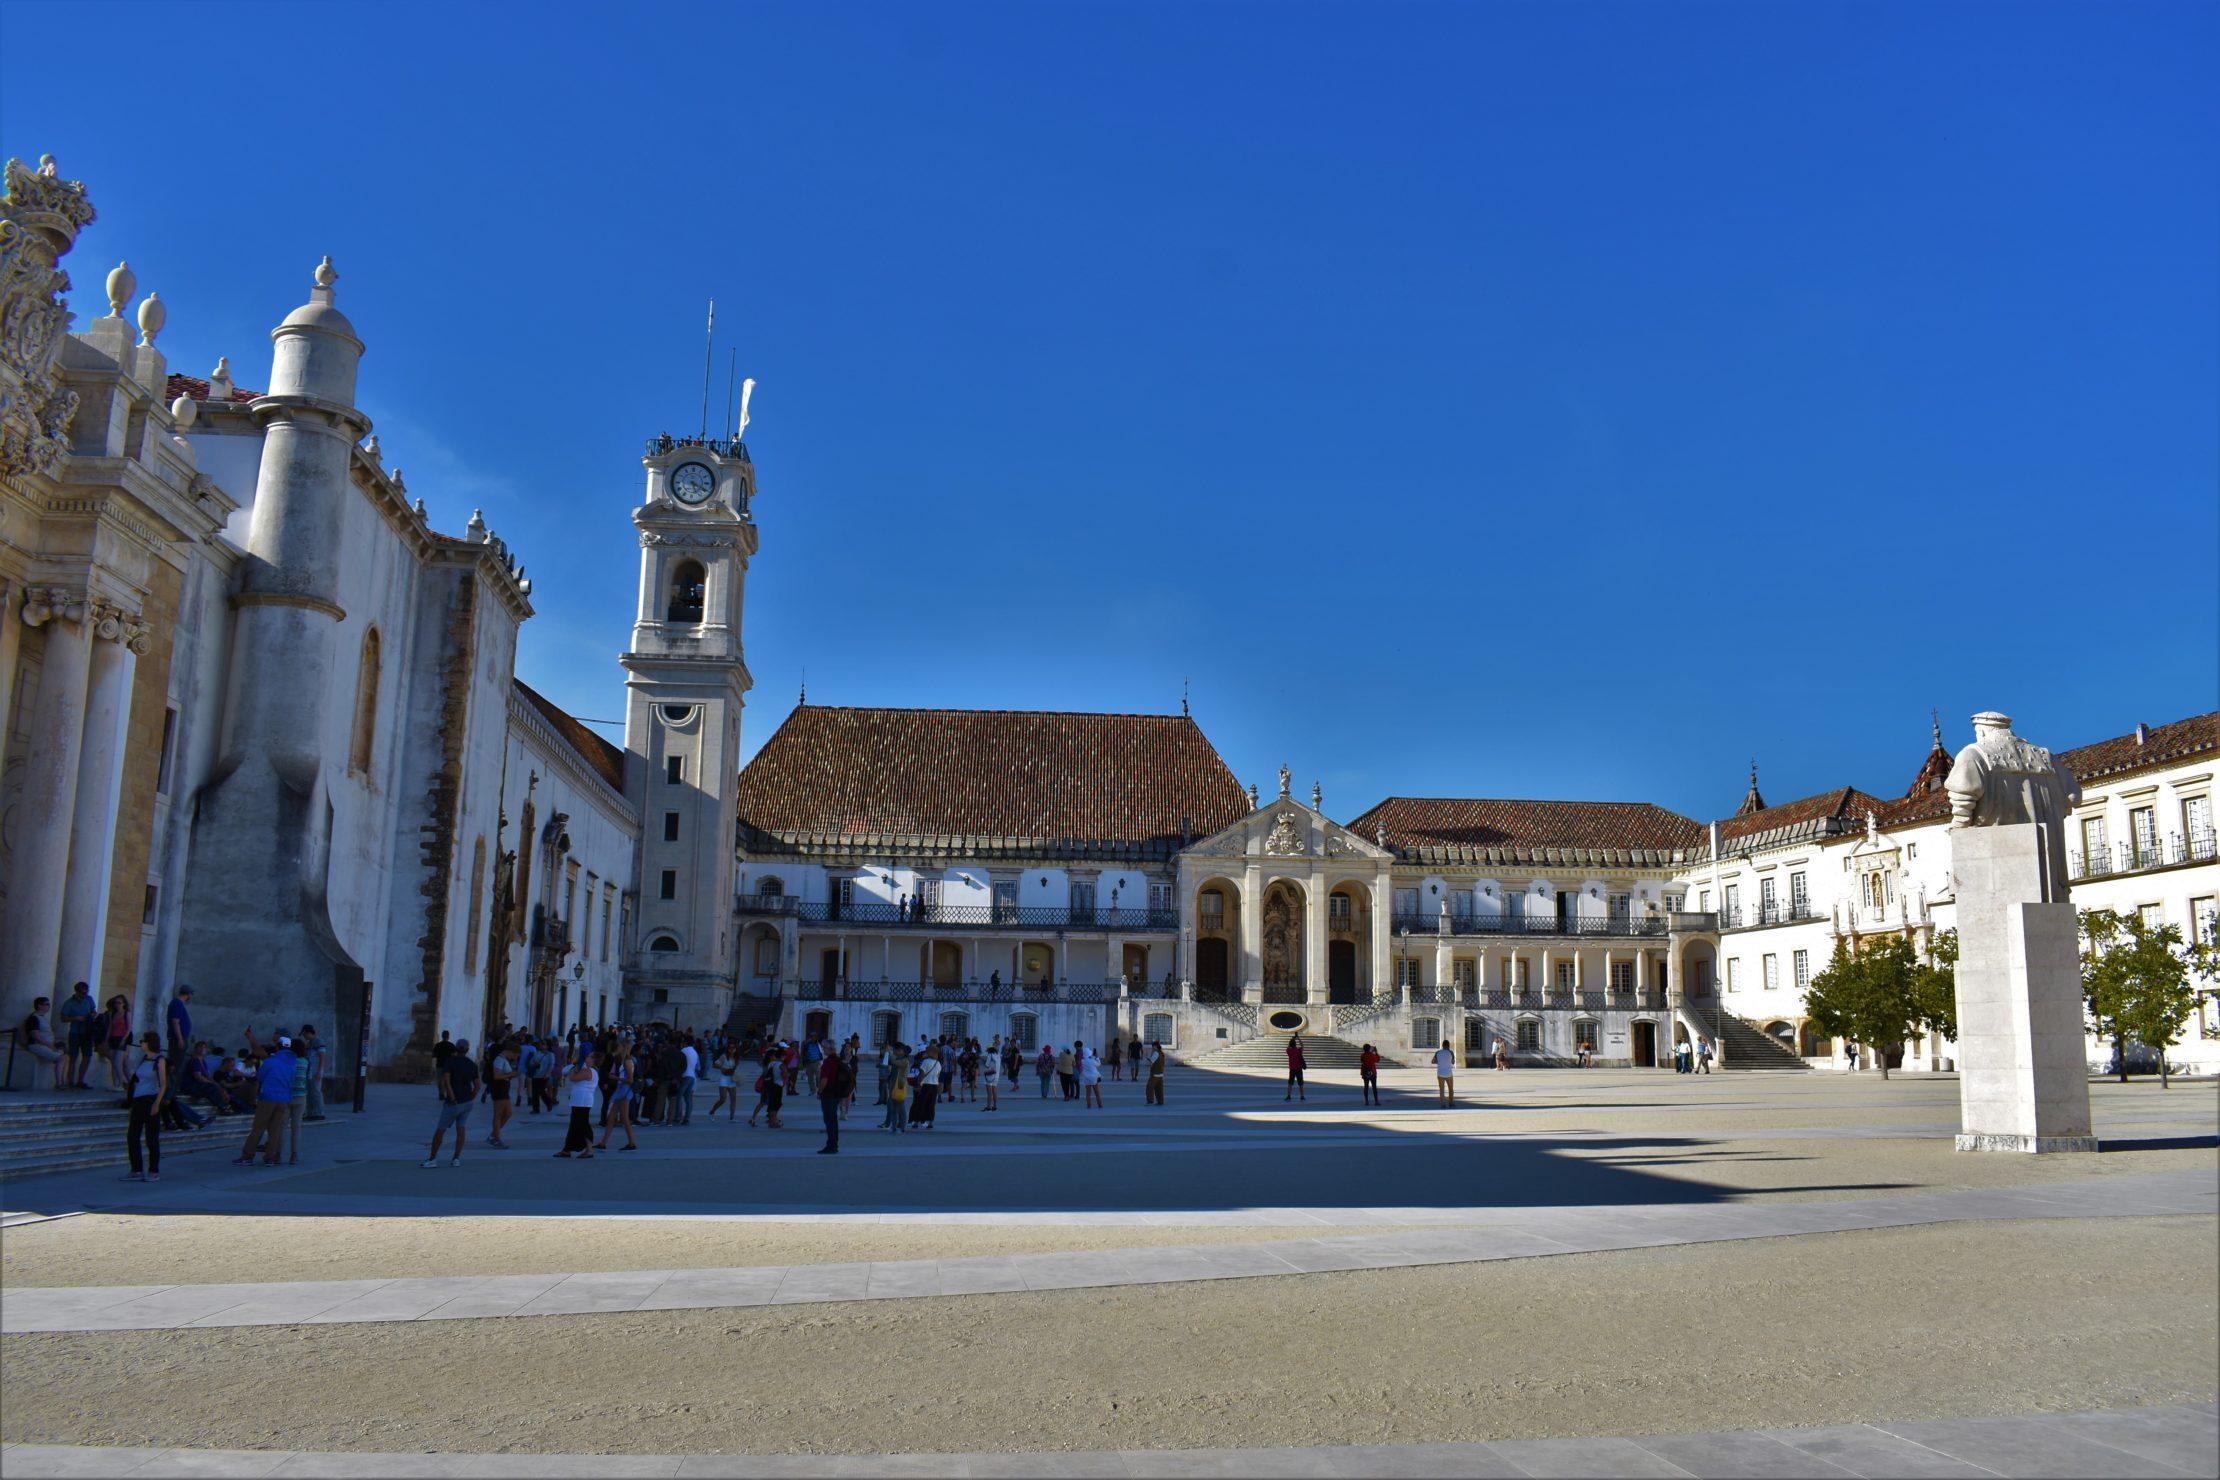 El complejo histórico de la Universidad de Coimbra